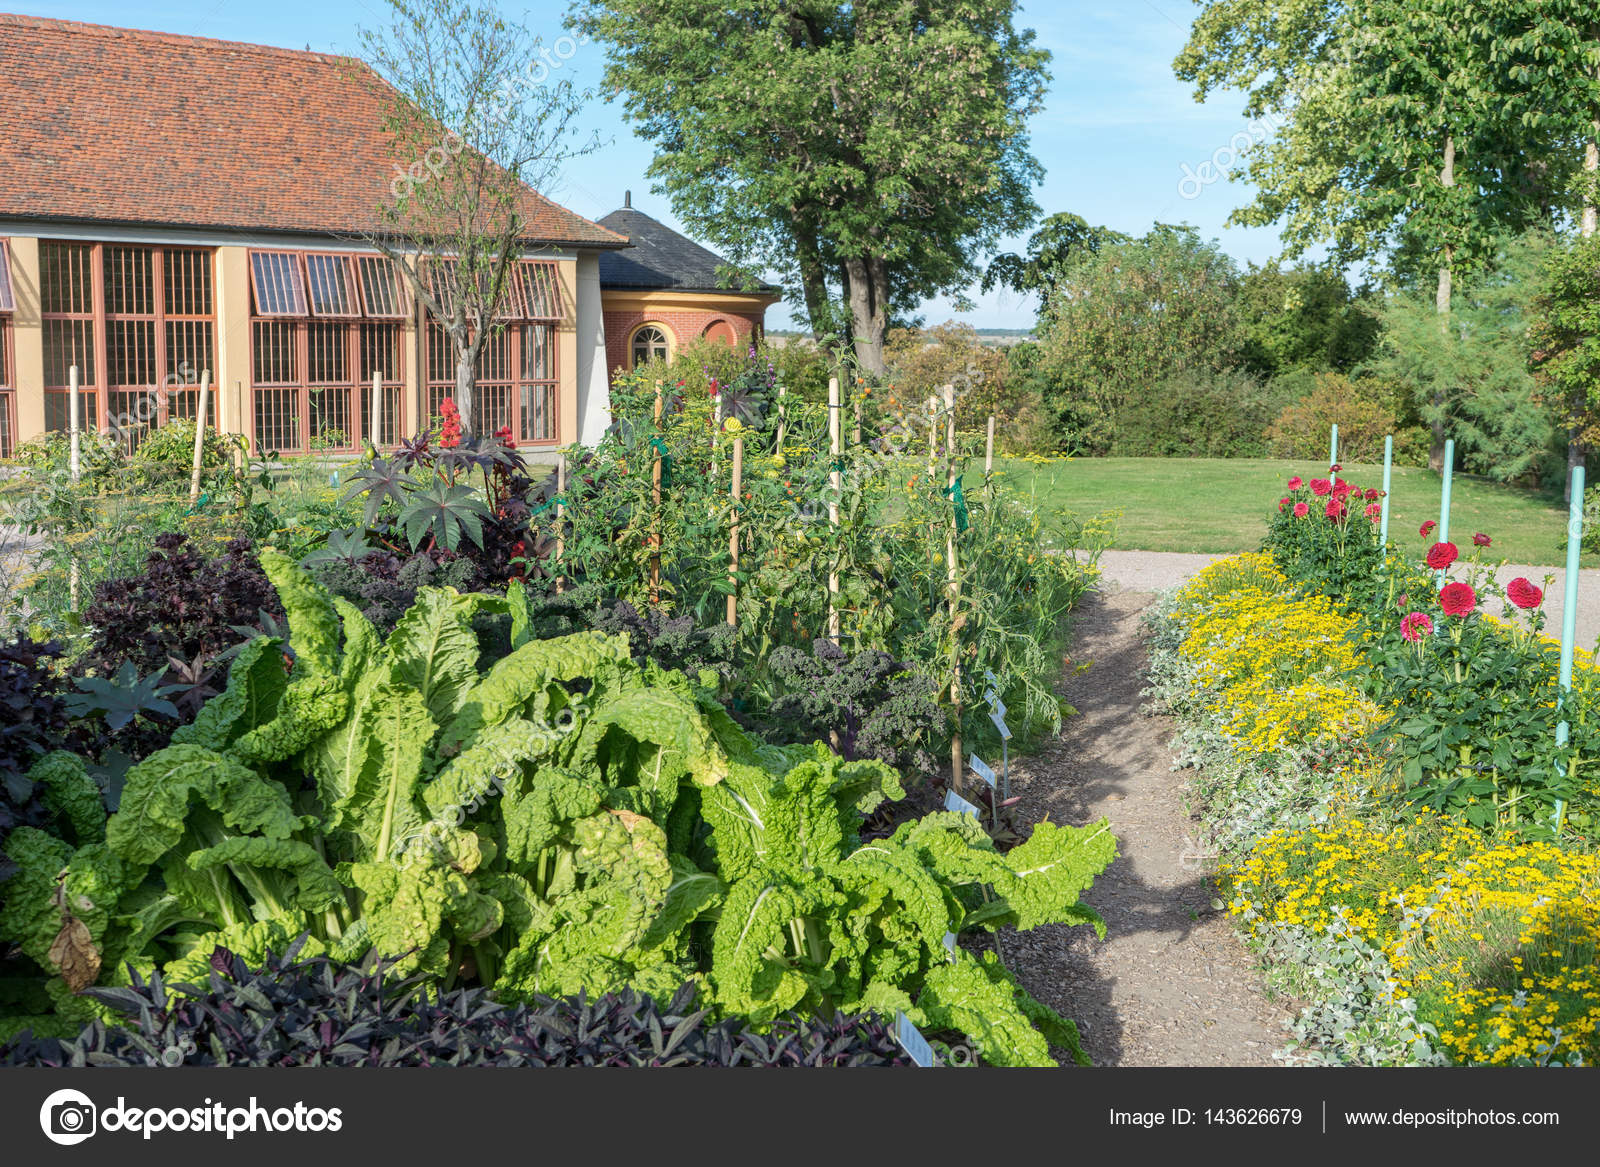 Gemüse Und Zierpflanzen Garten Stockfoto Coramueller 143626679